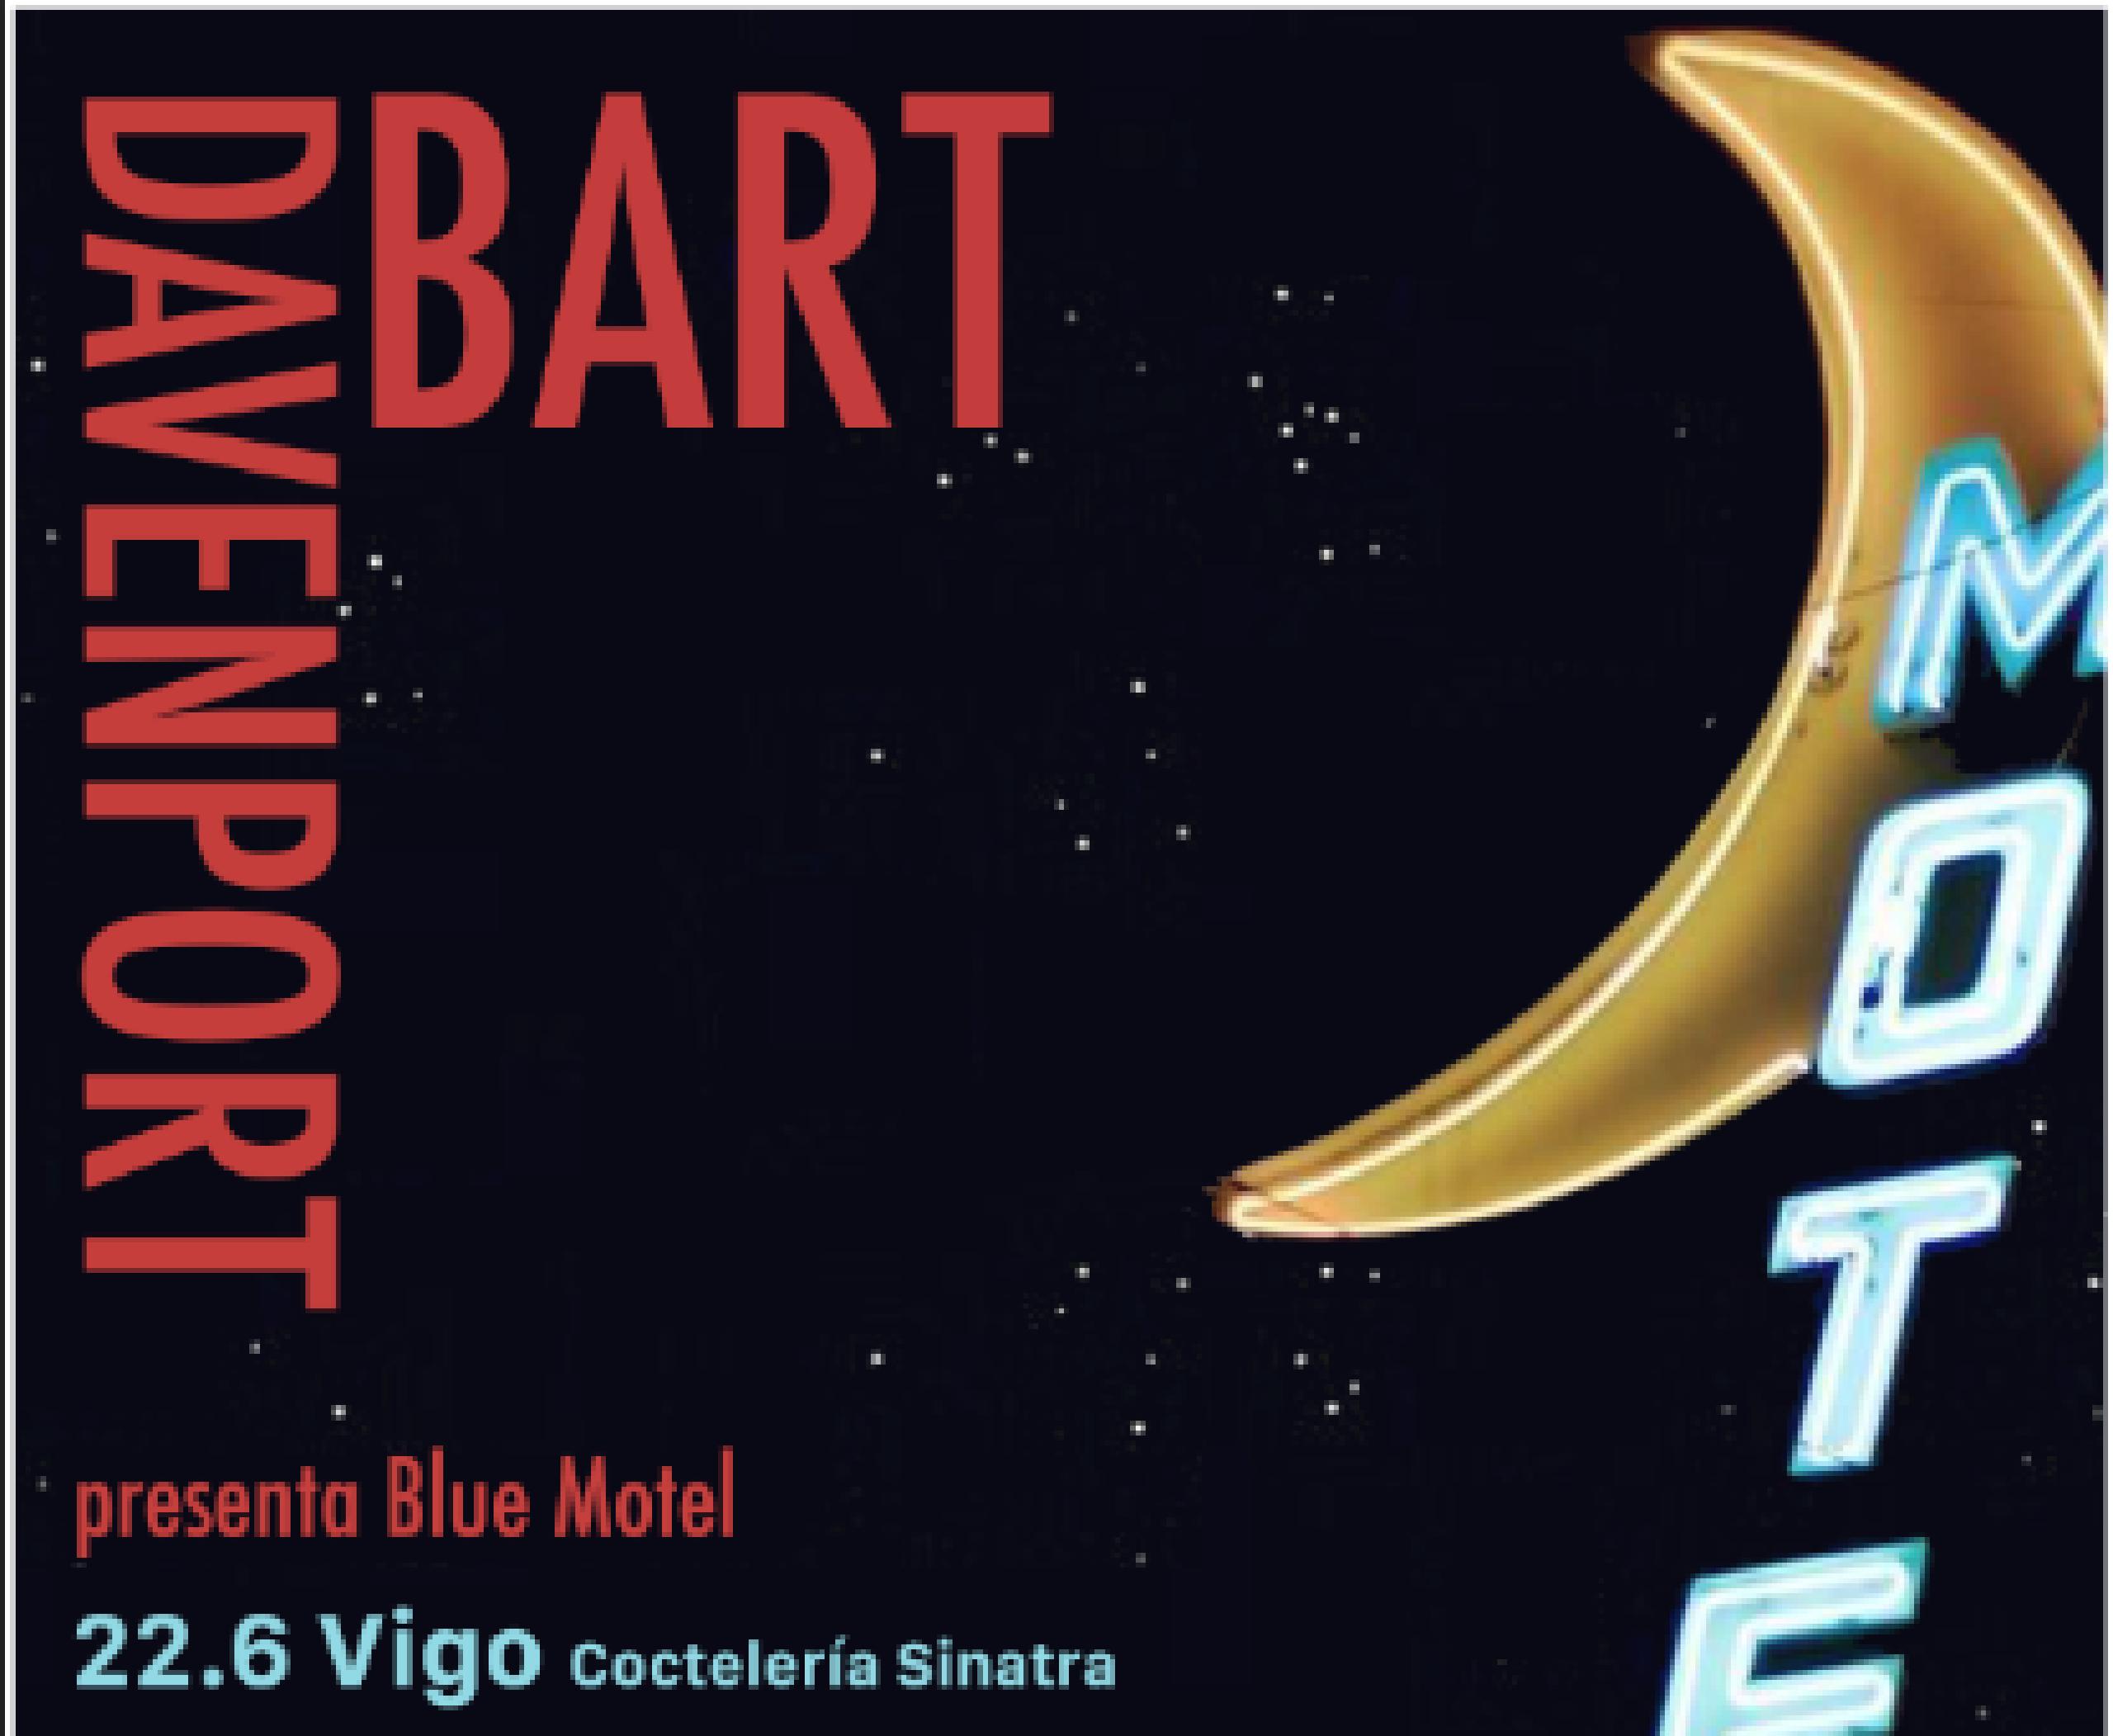 Bart Davenport en Vigo